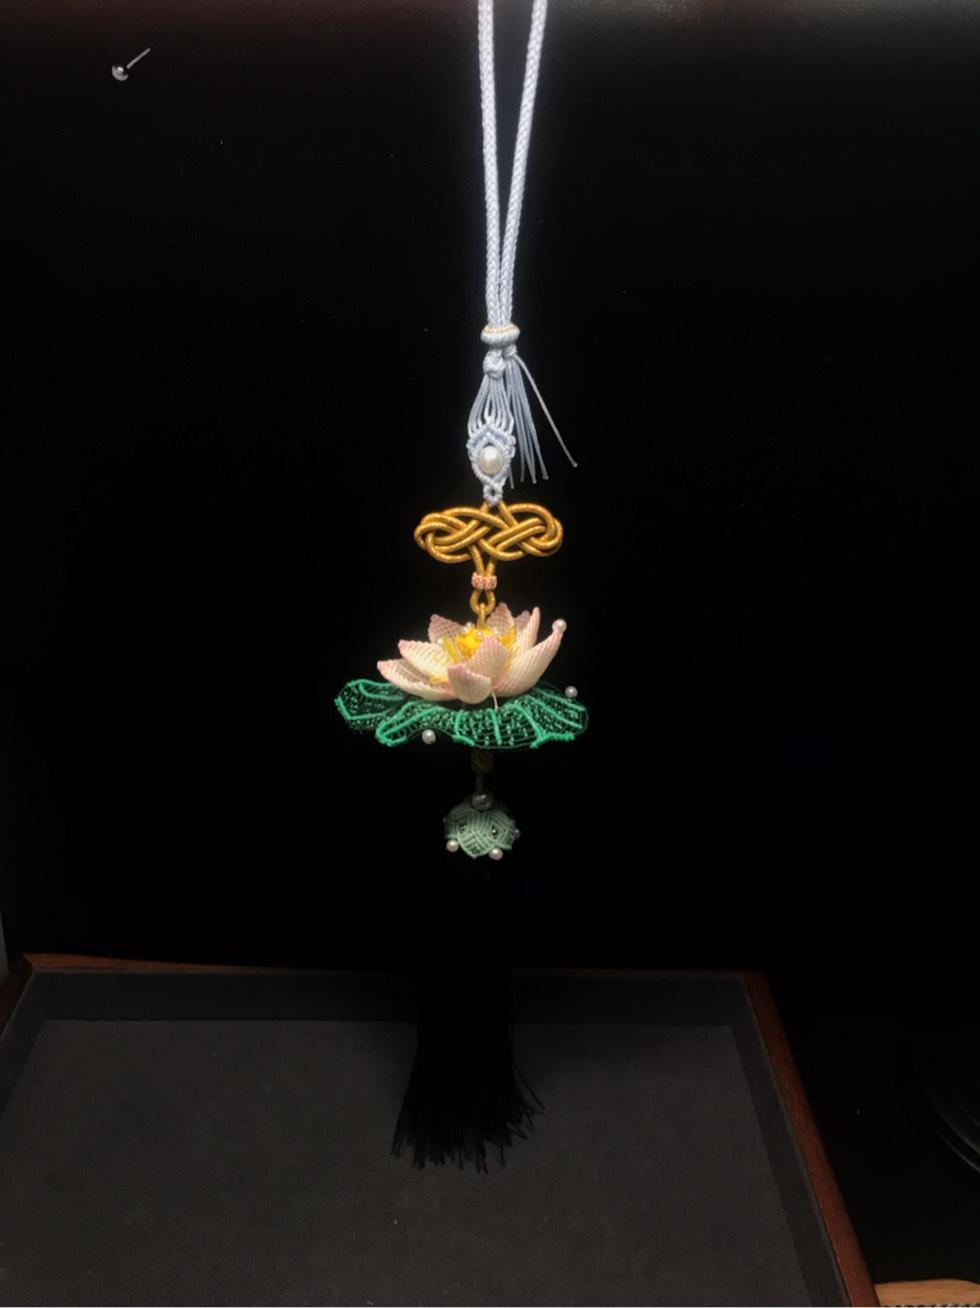 中国结论坛 莲 带莲的诗句,莲组词,莲含义,荷花,描写莲的诗 作品展示 194025ugb2b4fygxpfa5zt